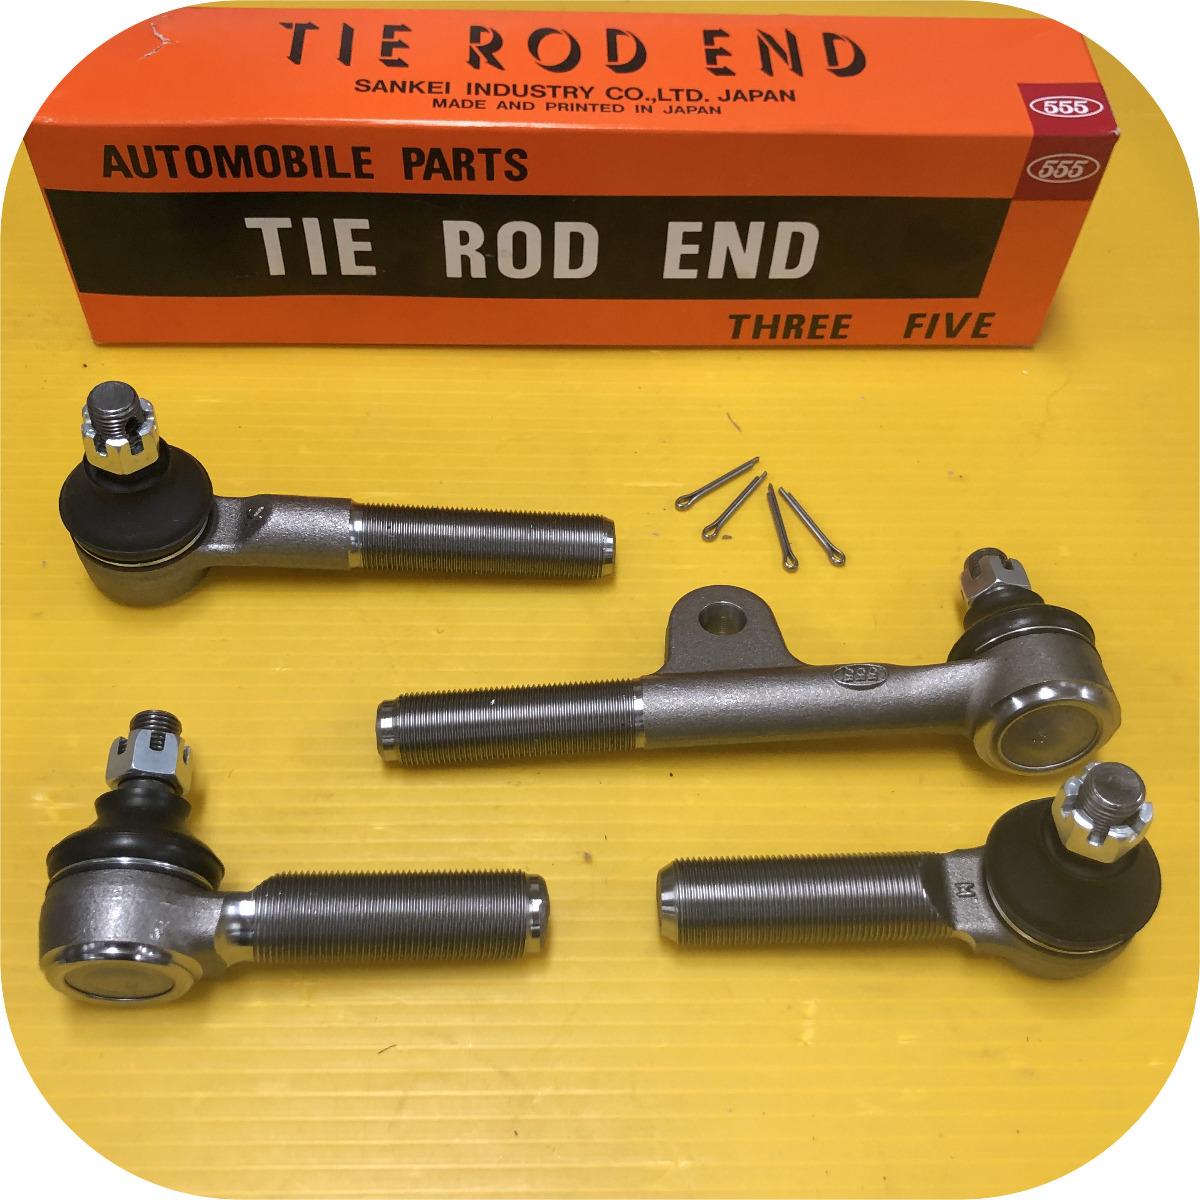 Tie Rod End Kit For Toyota Land Cruiser Fj80 Fzj80 91